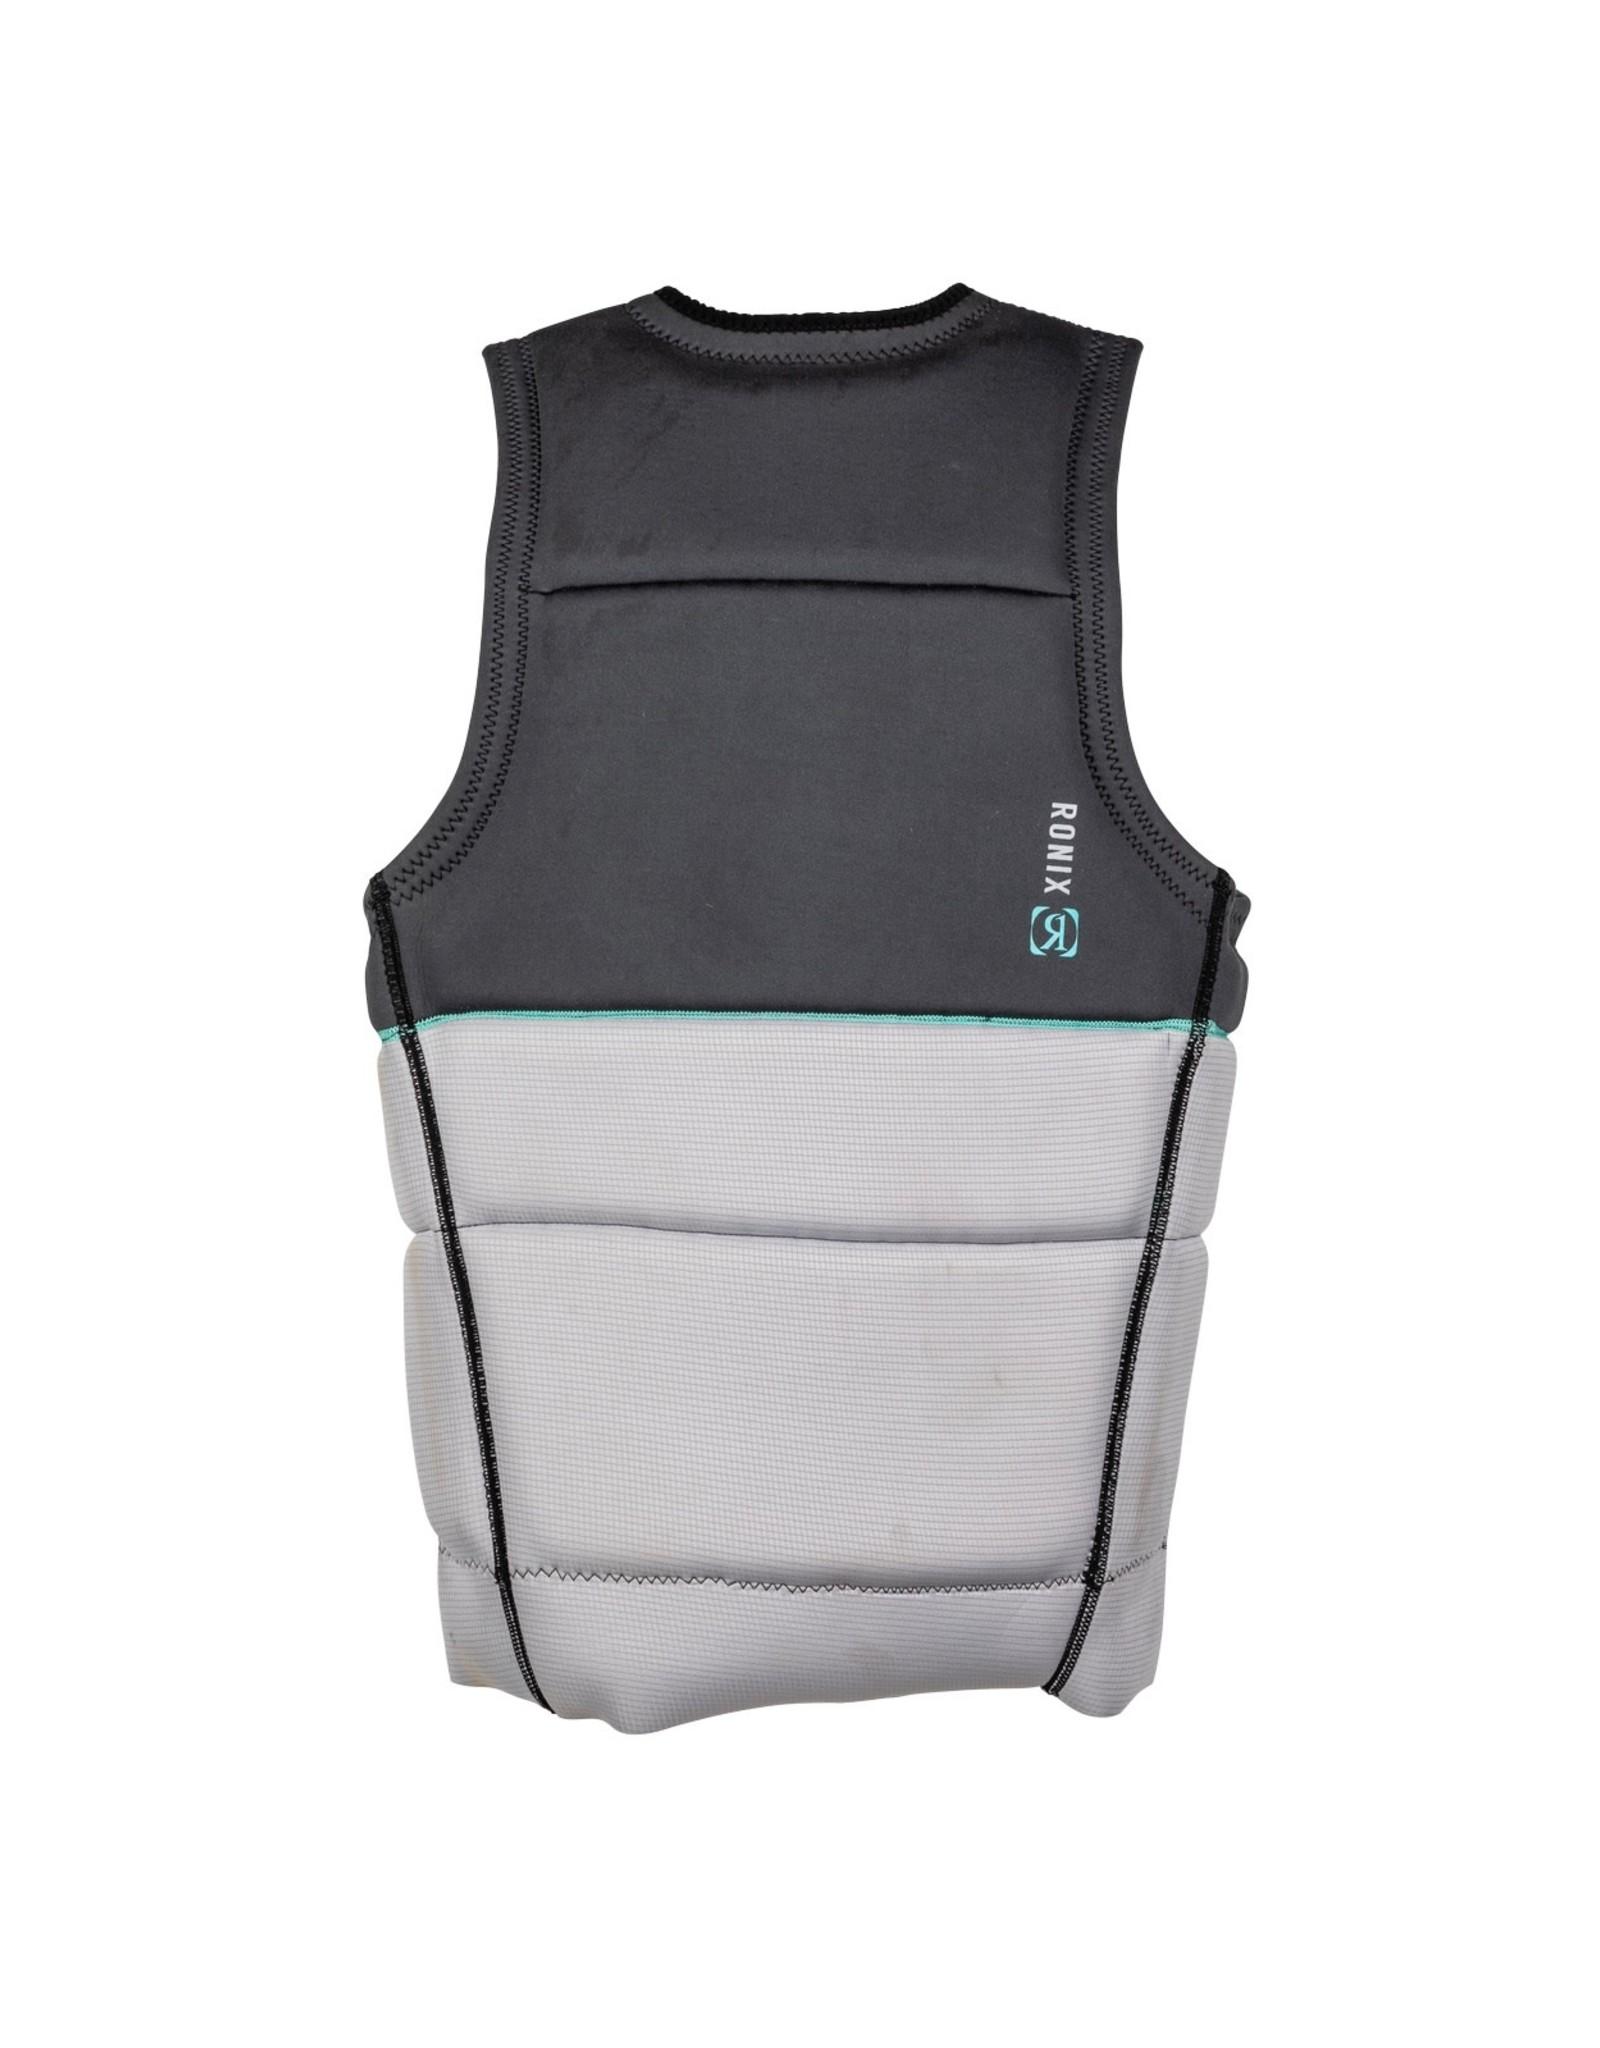 Ronix Supreme Athletic Cut - Impact Vest